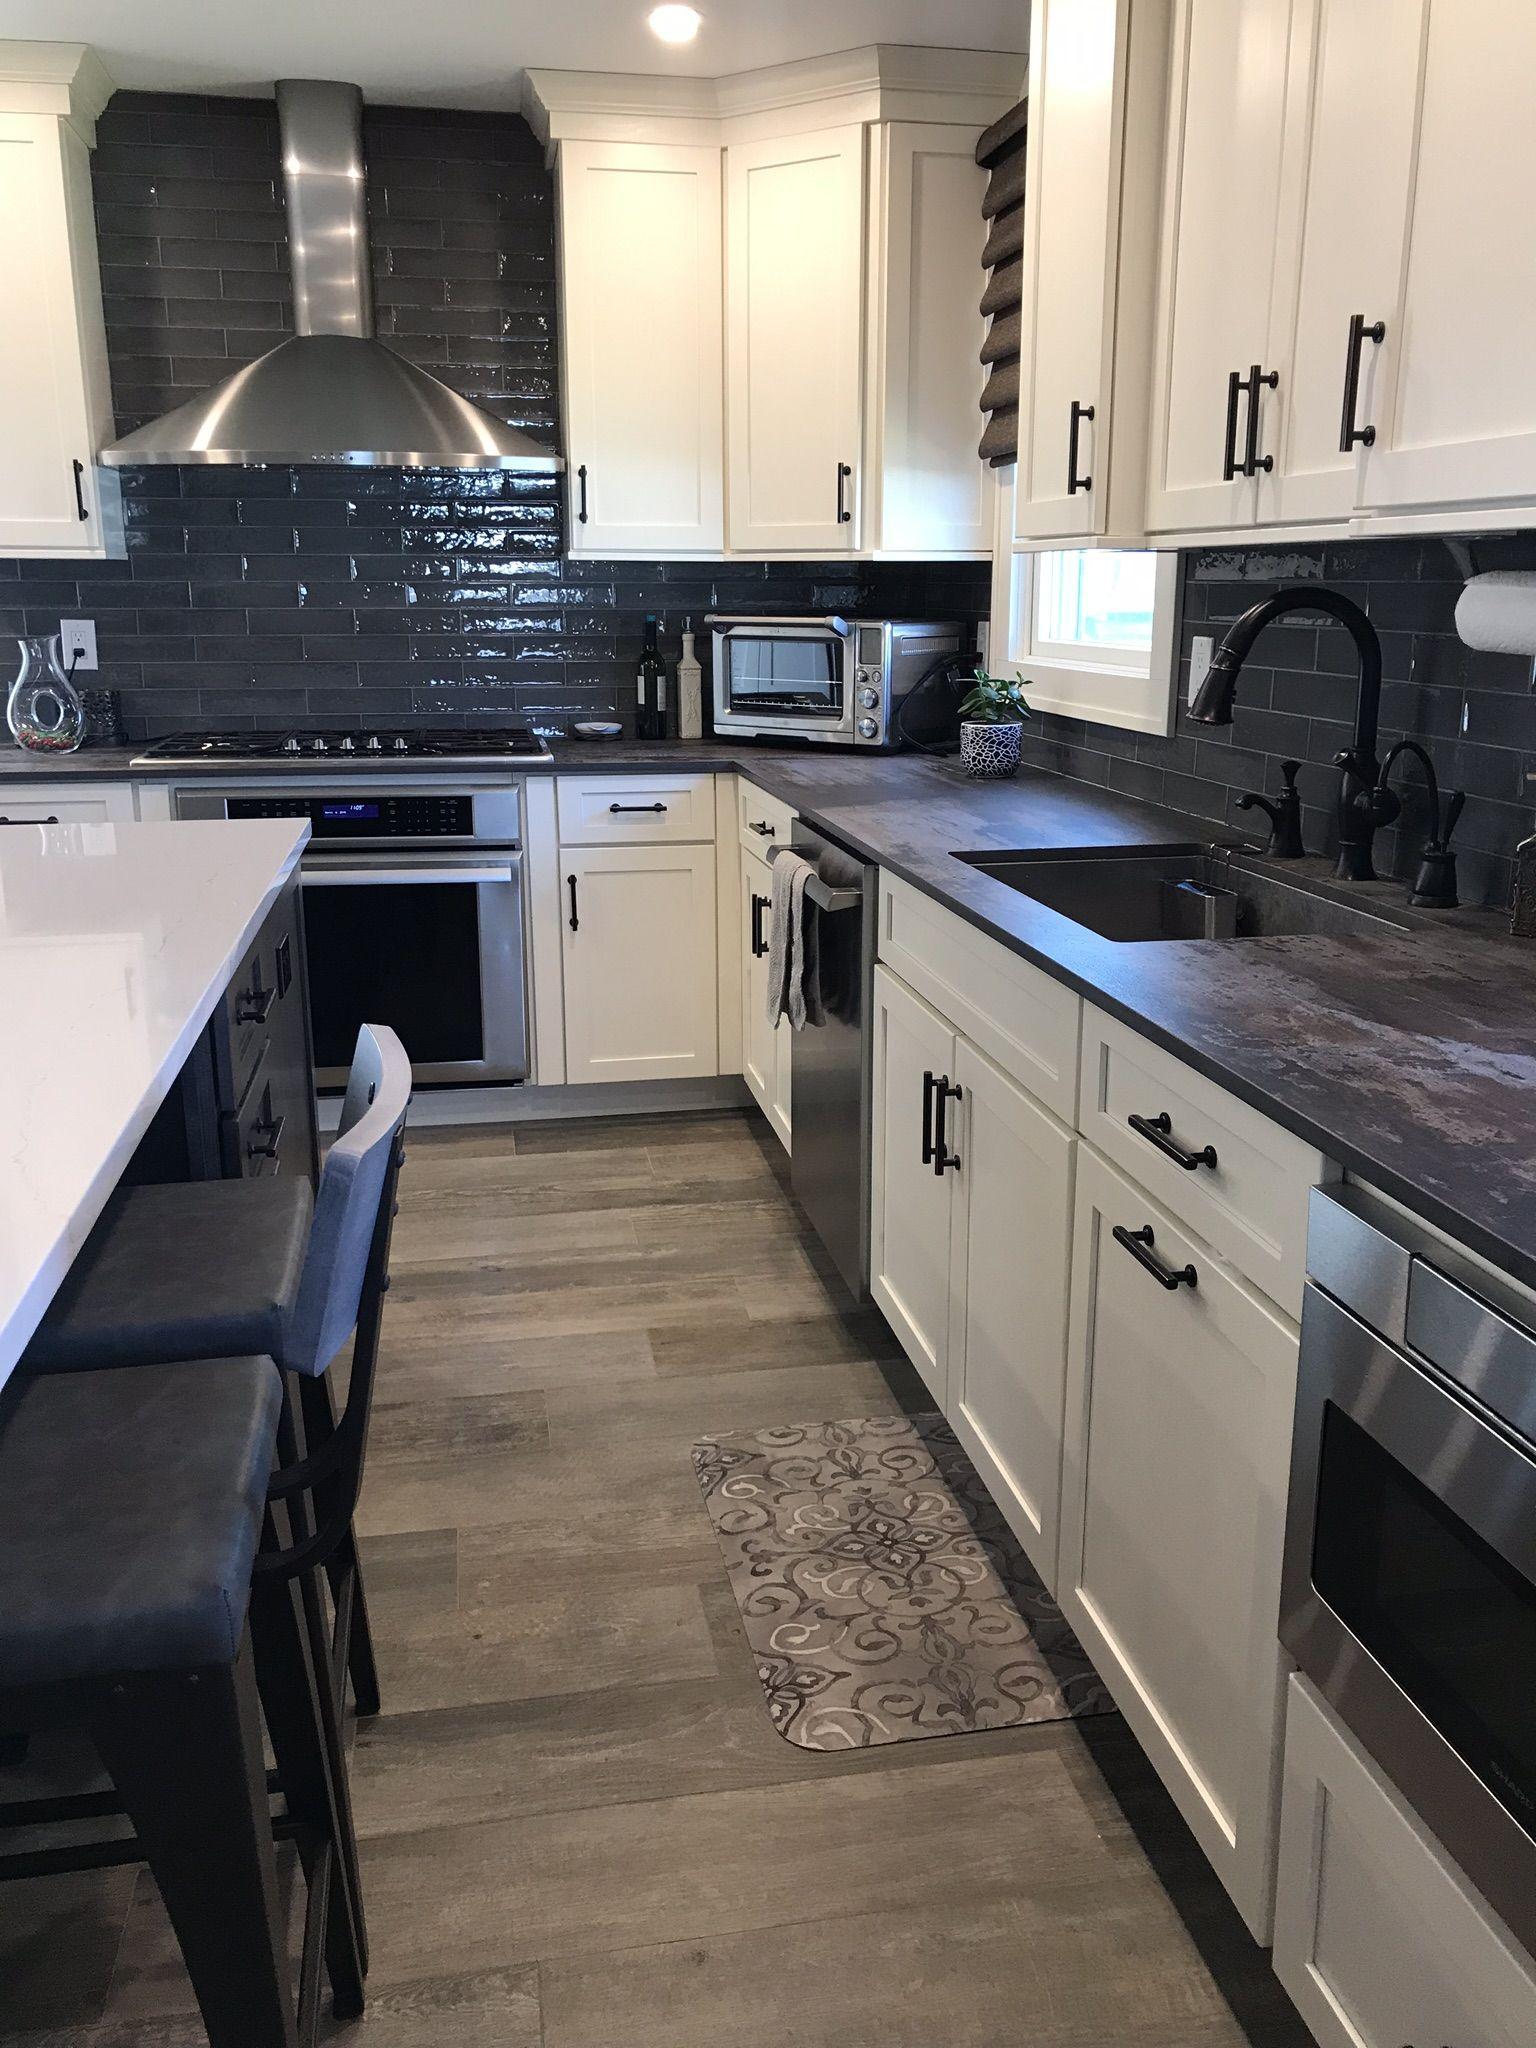 navy blue backsplash kitchen tiles design